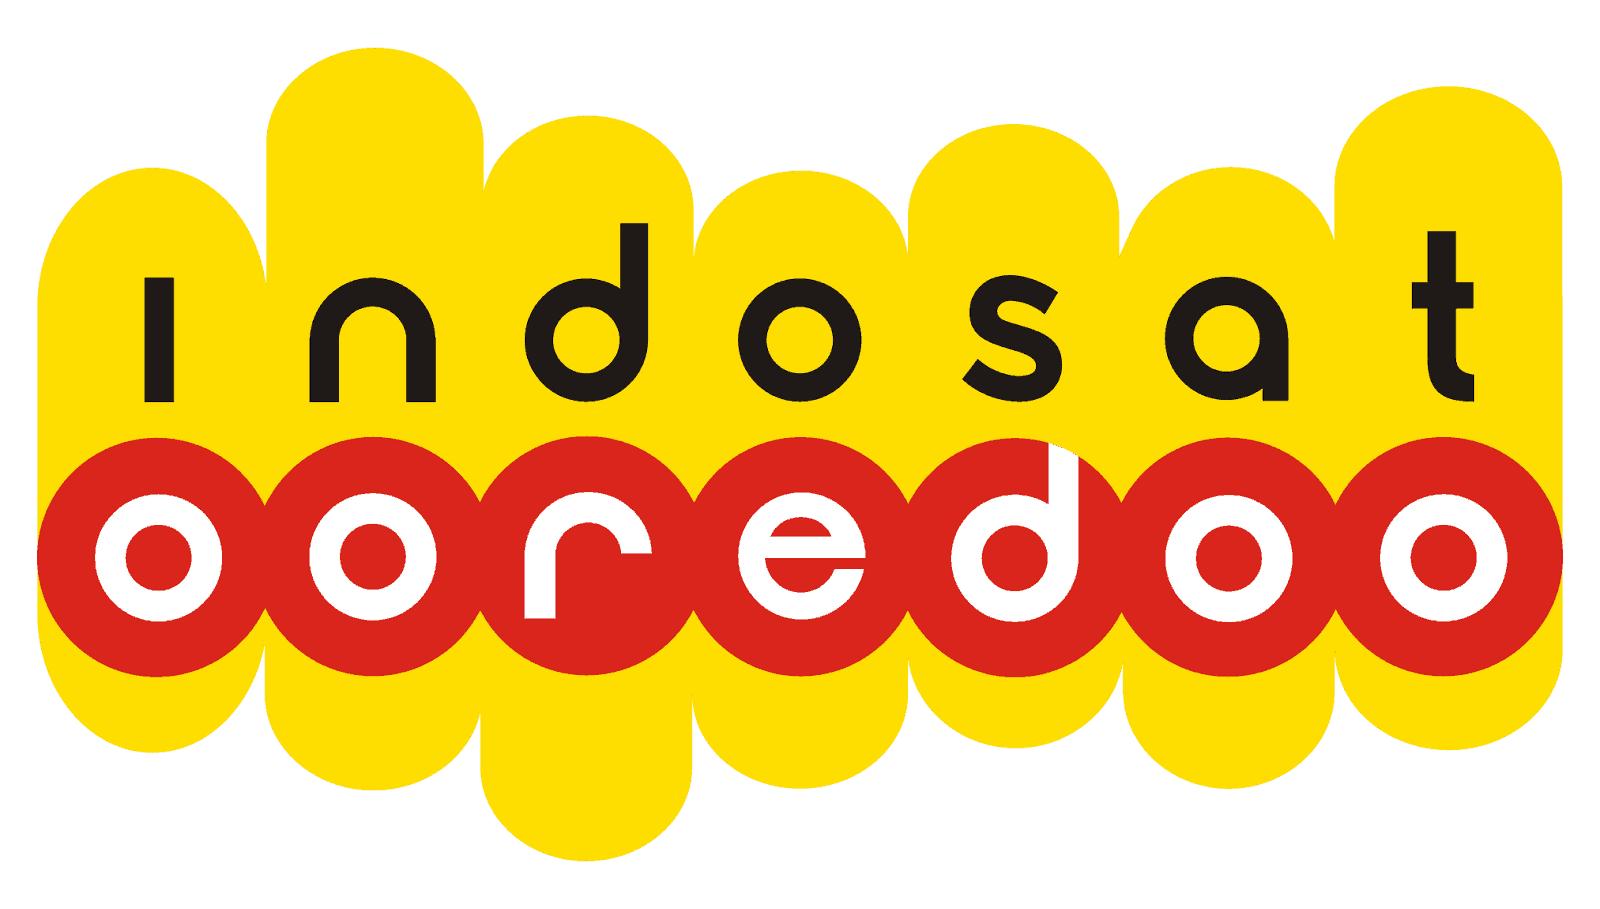 Indosat terbaru, paket internet indosat, logo indosat